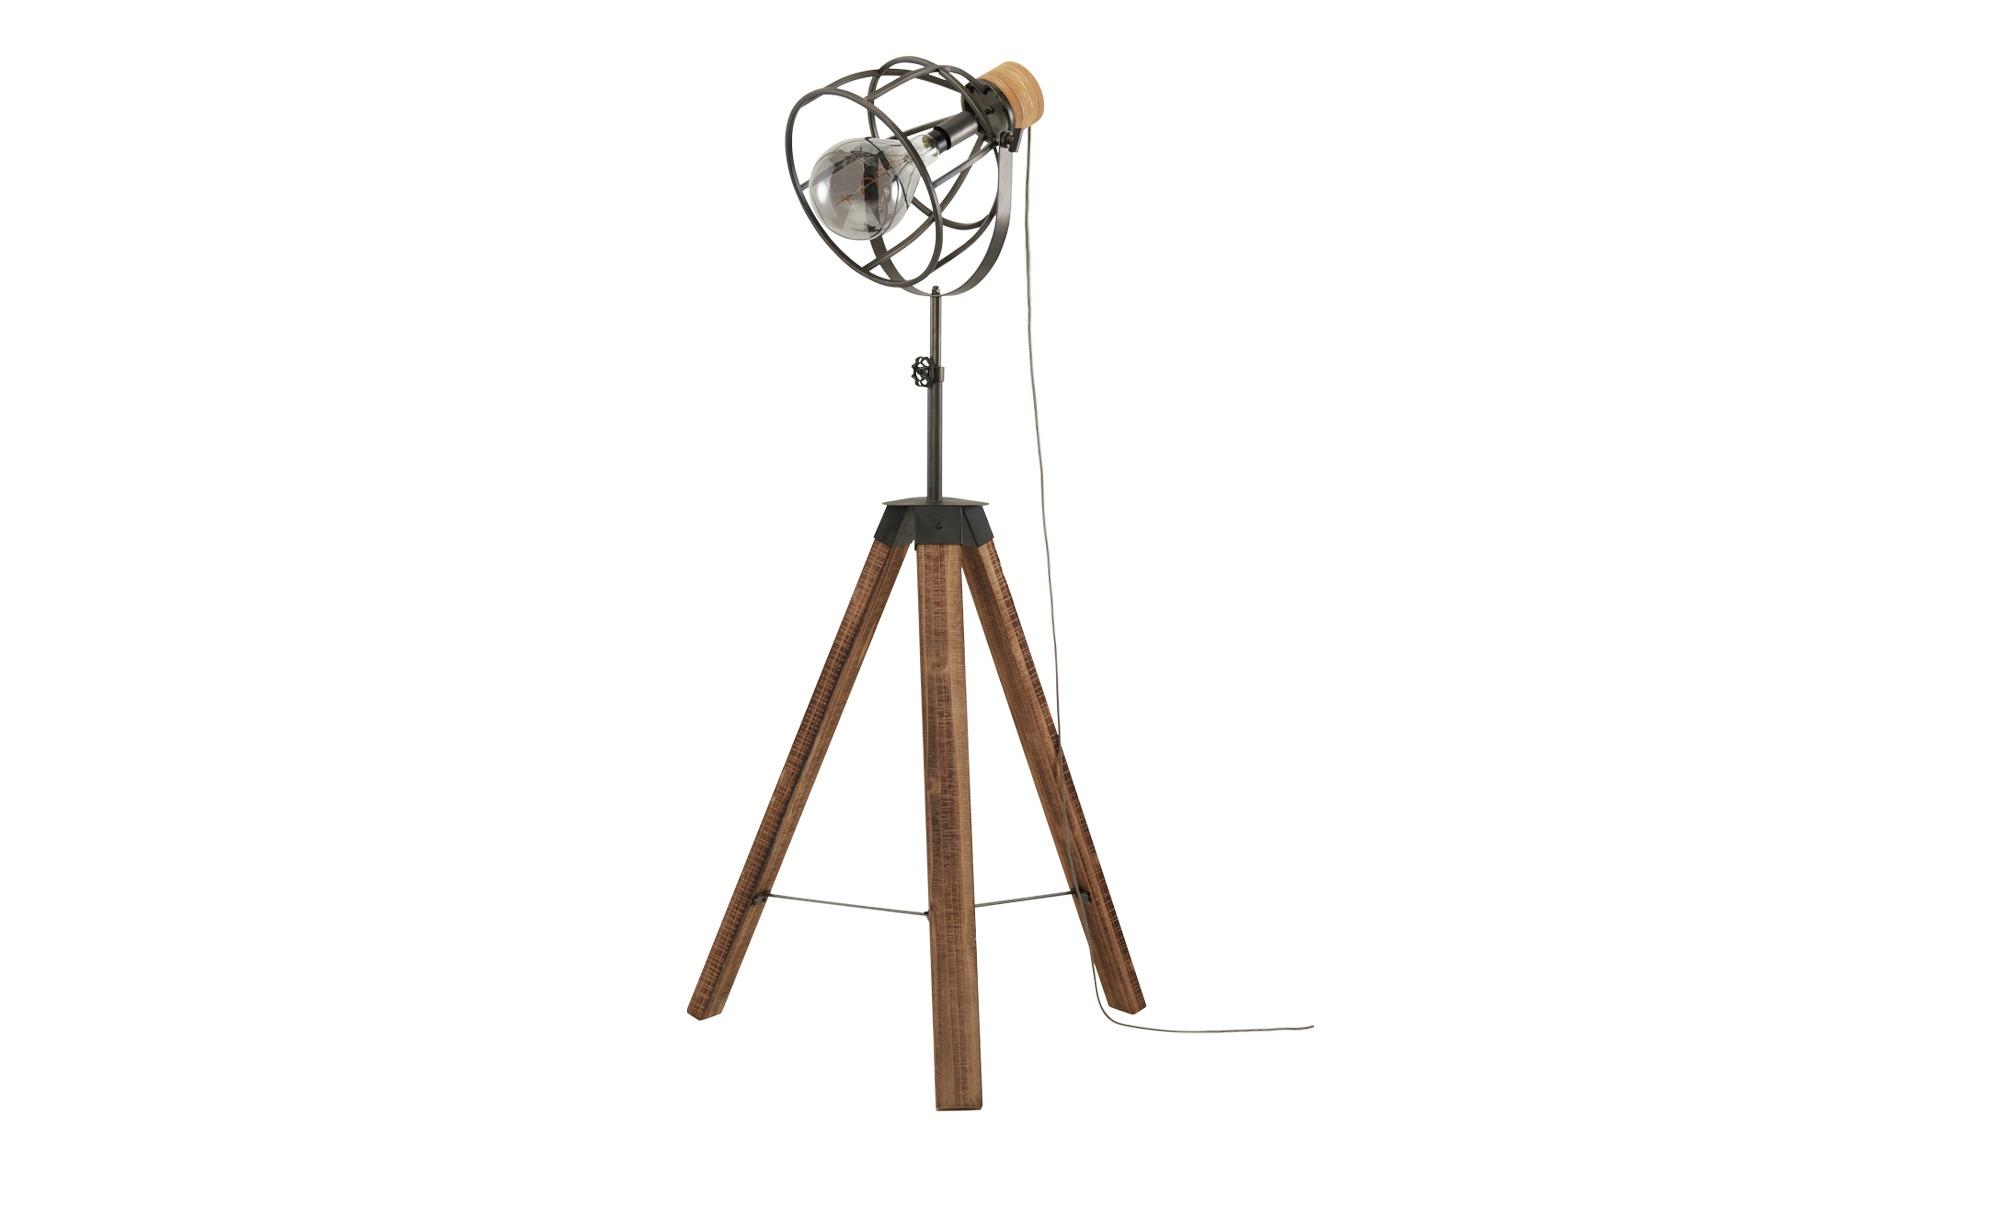 Stehleuchte, 1-flammig, Holz/Metall ¦ schwarz ¦ Maße (cm): H: 160 Lampen & Leuchten > Innenleuchten > Stehlampen - Höffner